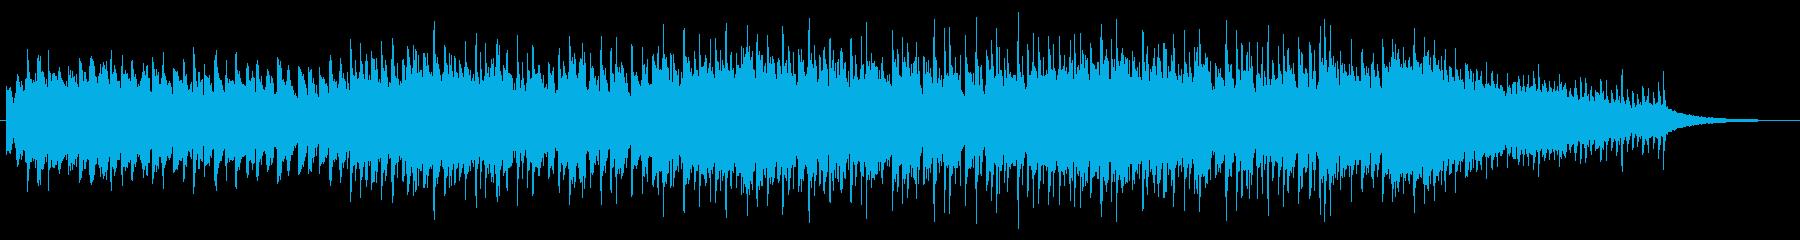 ホラーでミステリアスなシンセとロックの再生済みの波形